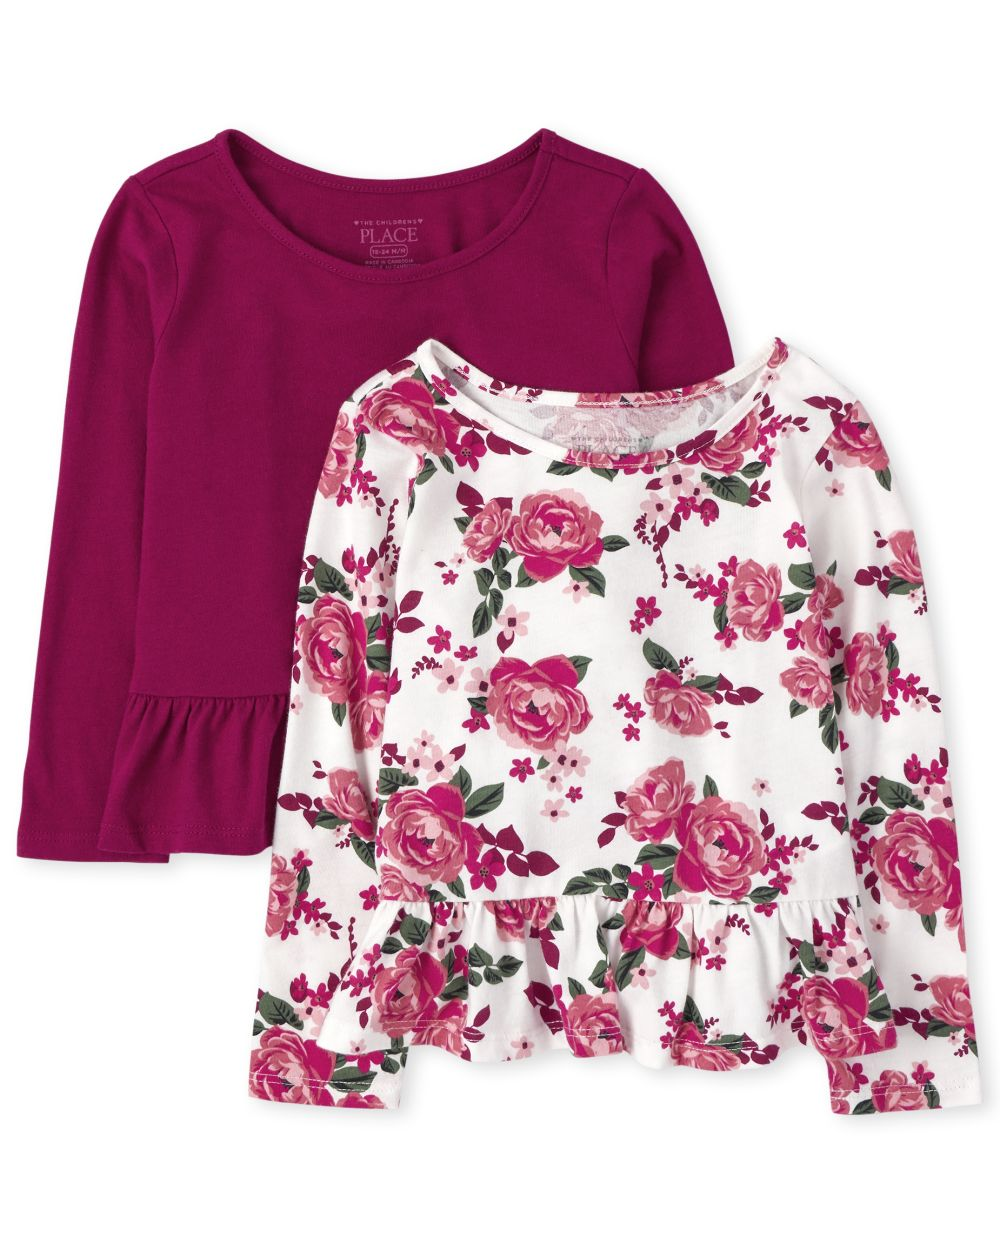 Paquete de 2 top con peplum floral para niñas pequeñas